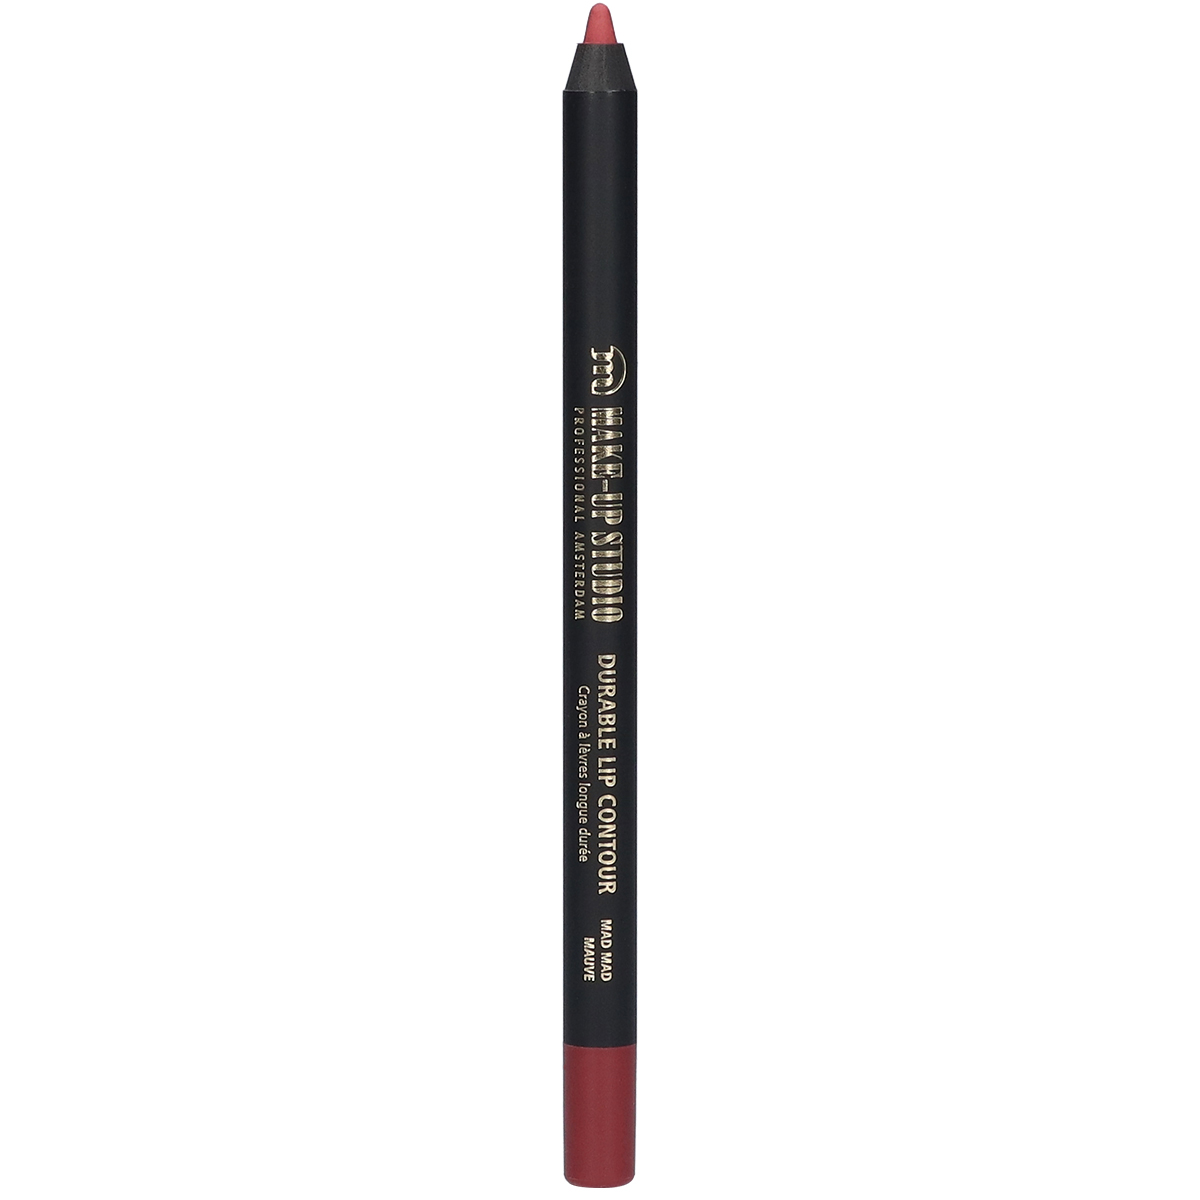 Durable Lip Contour Lippotlood - Mad Mad Mauve